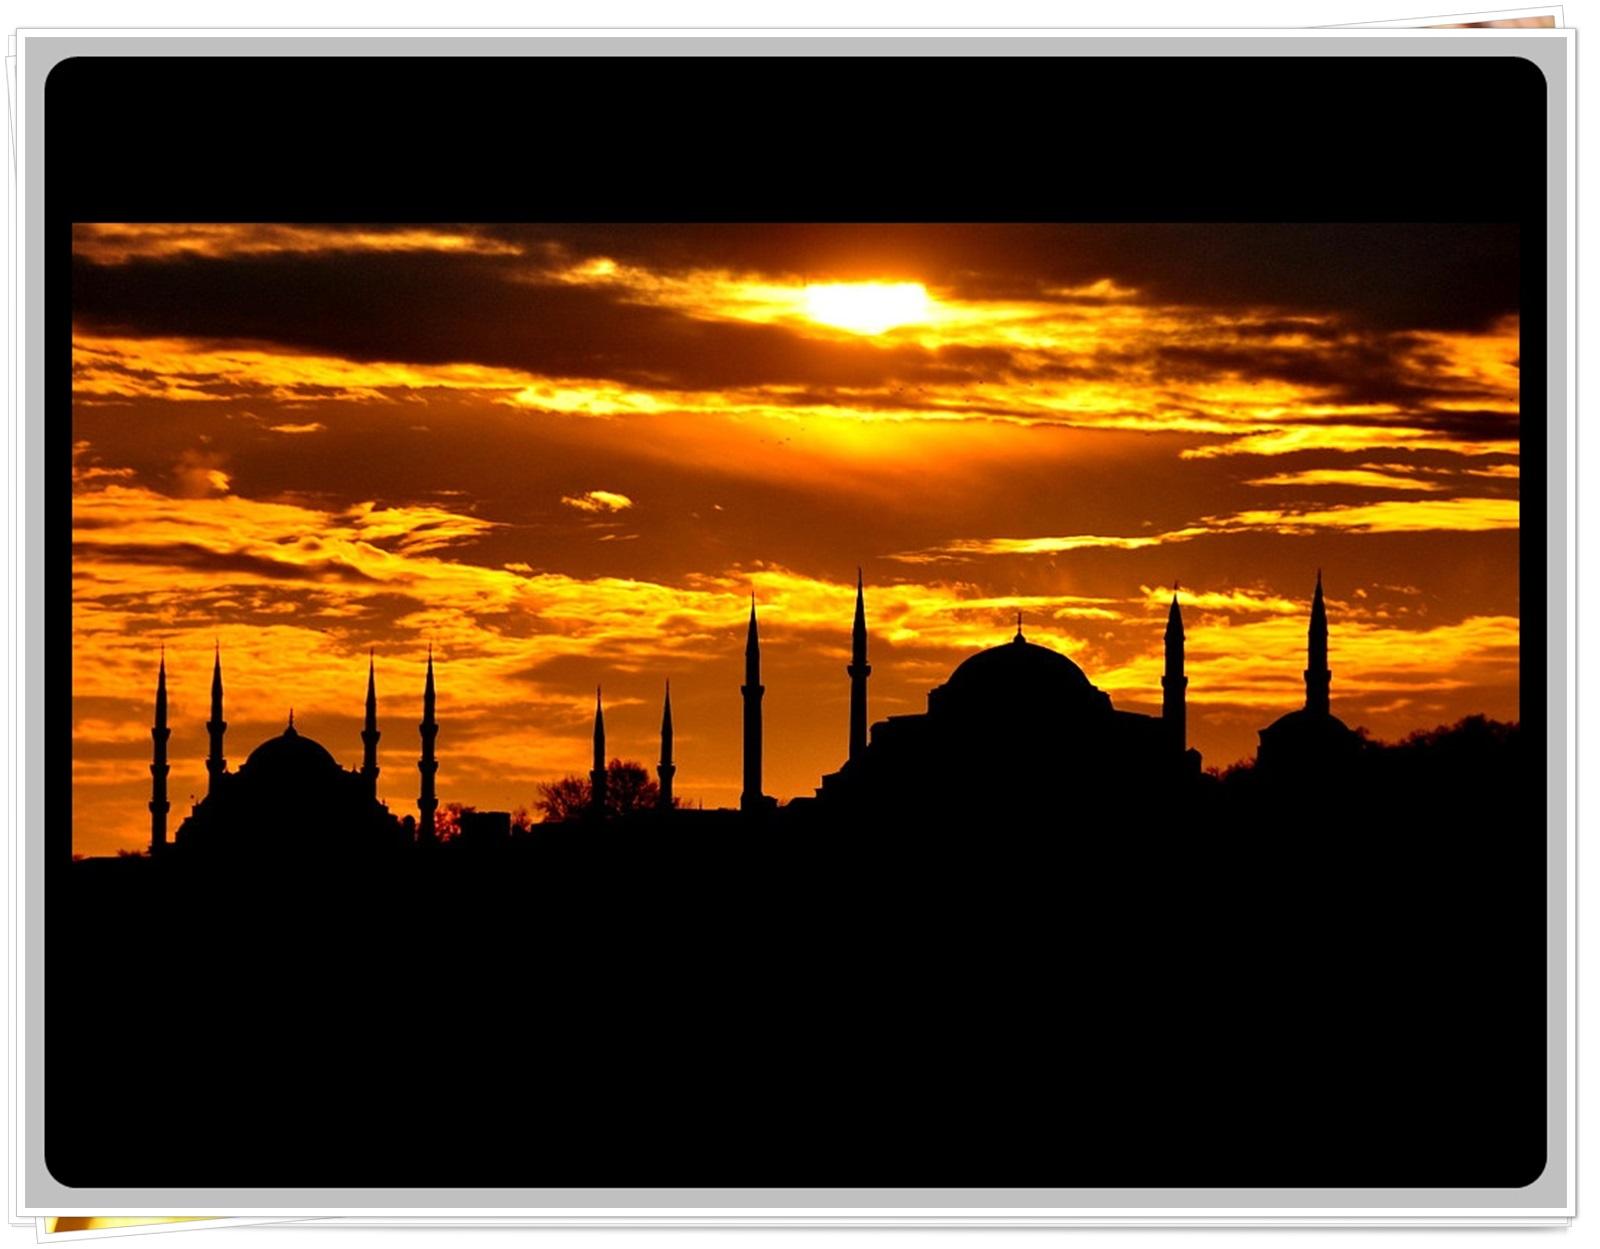 Download Kumpulan 22 Gambar Wallpaper Islami Gratis Anak